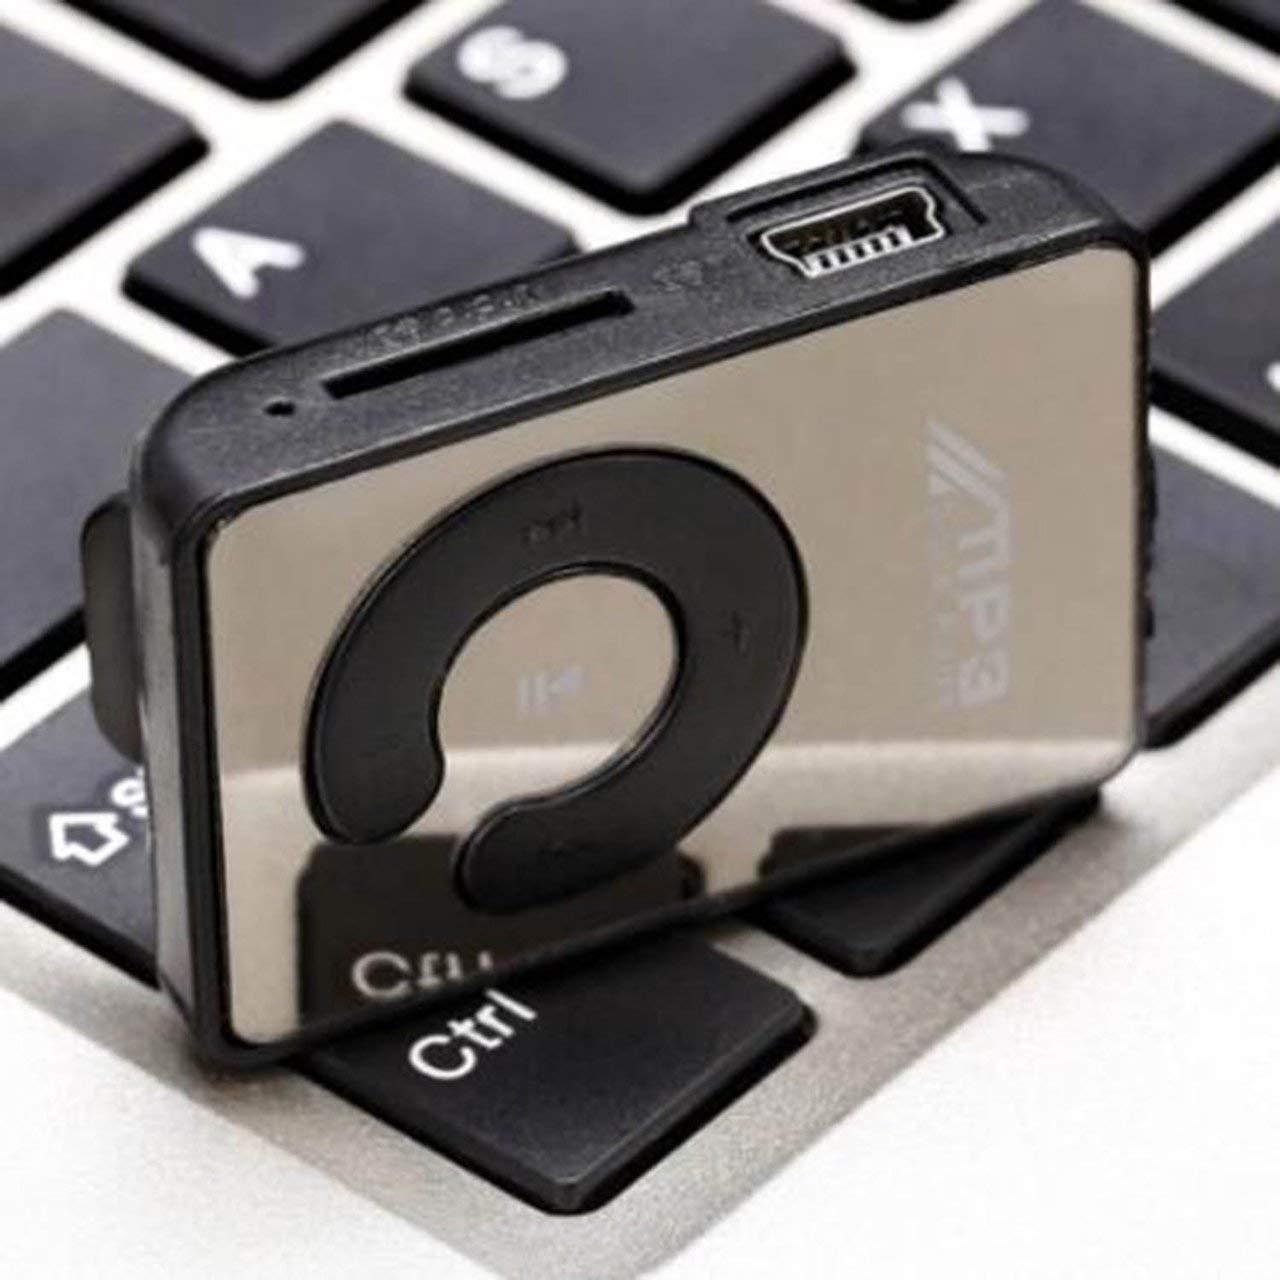 ITjasnyfall Blu Lettore MP3 Mini Clip a Specchio Portatile Moda Sport Lettore Musicale Digitale USB Micro SD TF Card Lettore multimediale